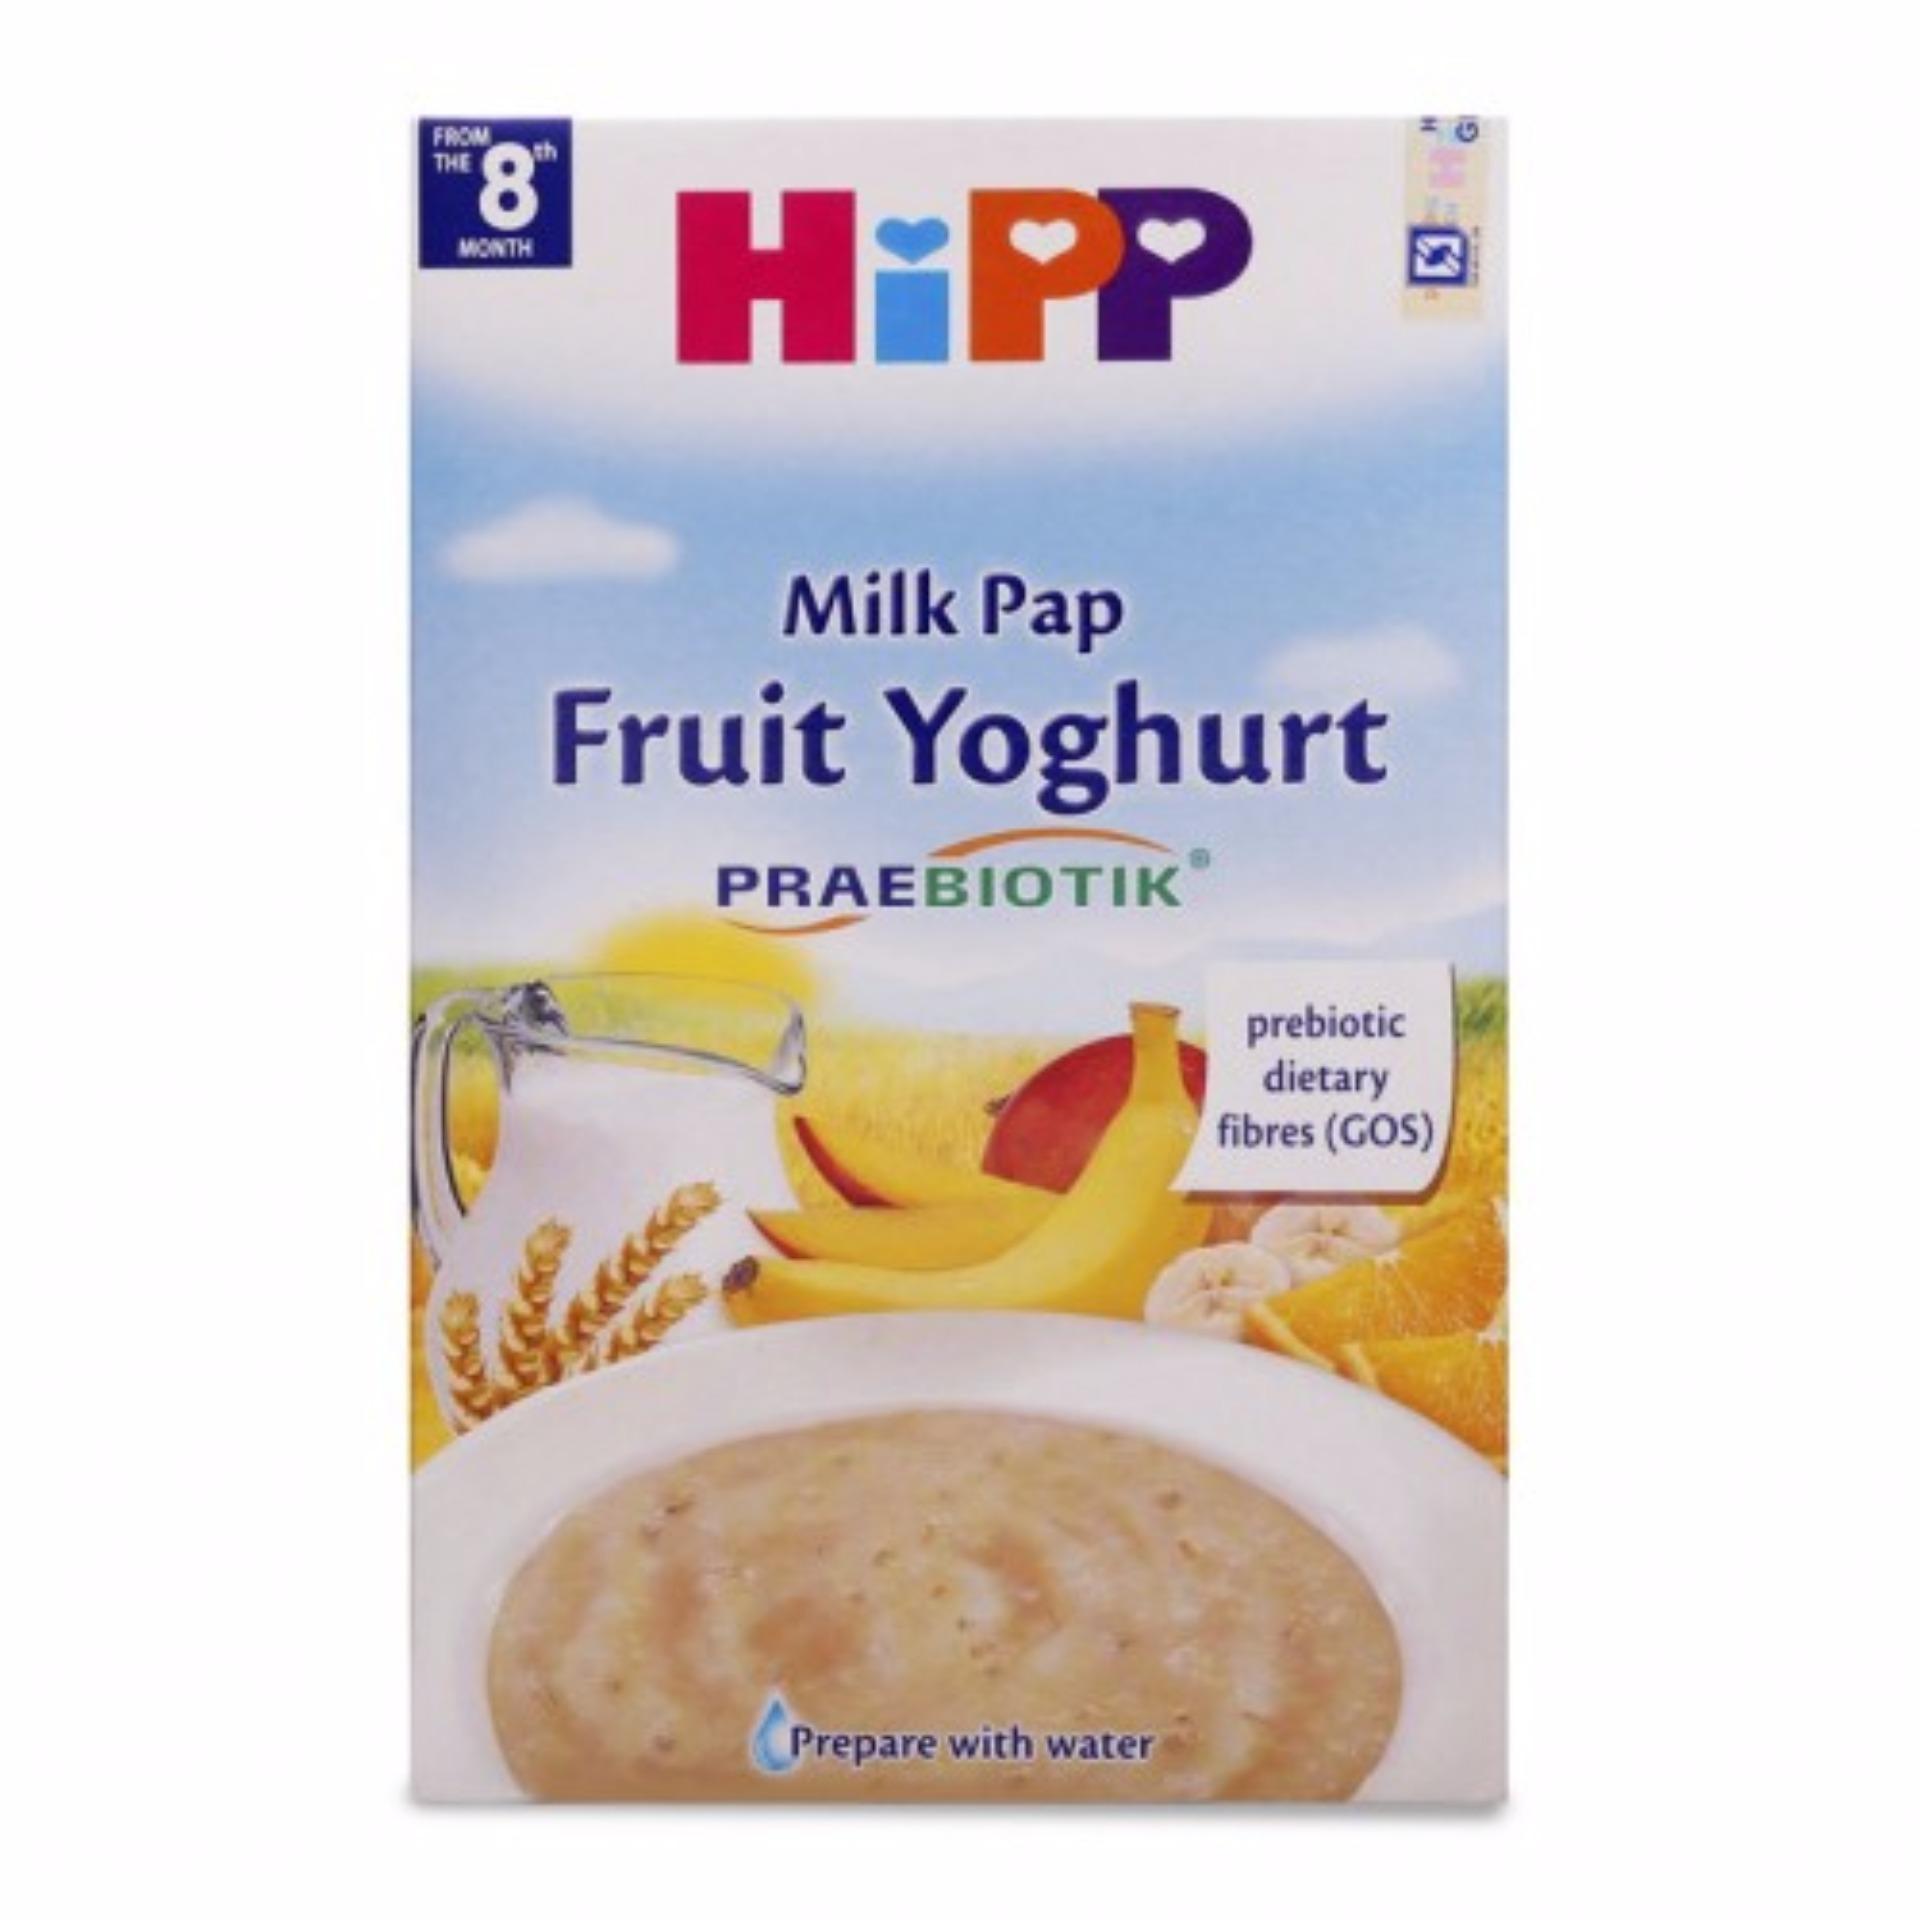 Bột Dinh Dưỡng Sữa Hoa Quả Nhiệt Đới Sữa Chua Hipp